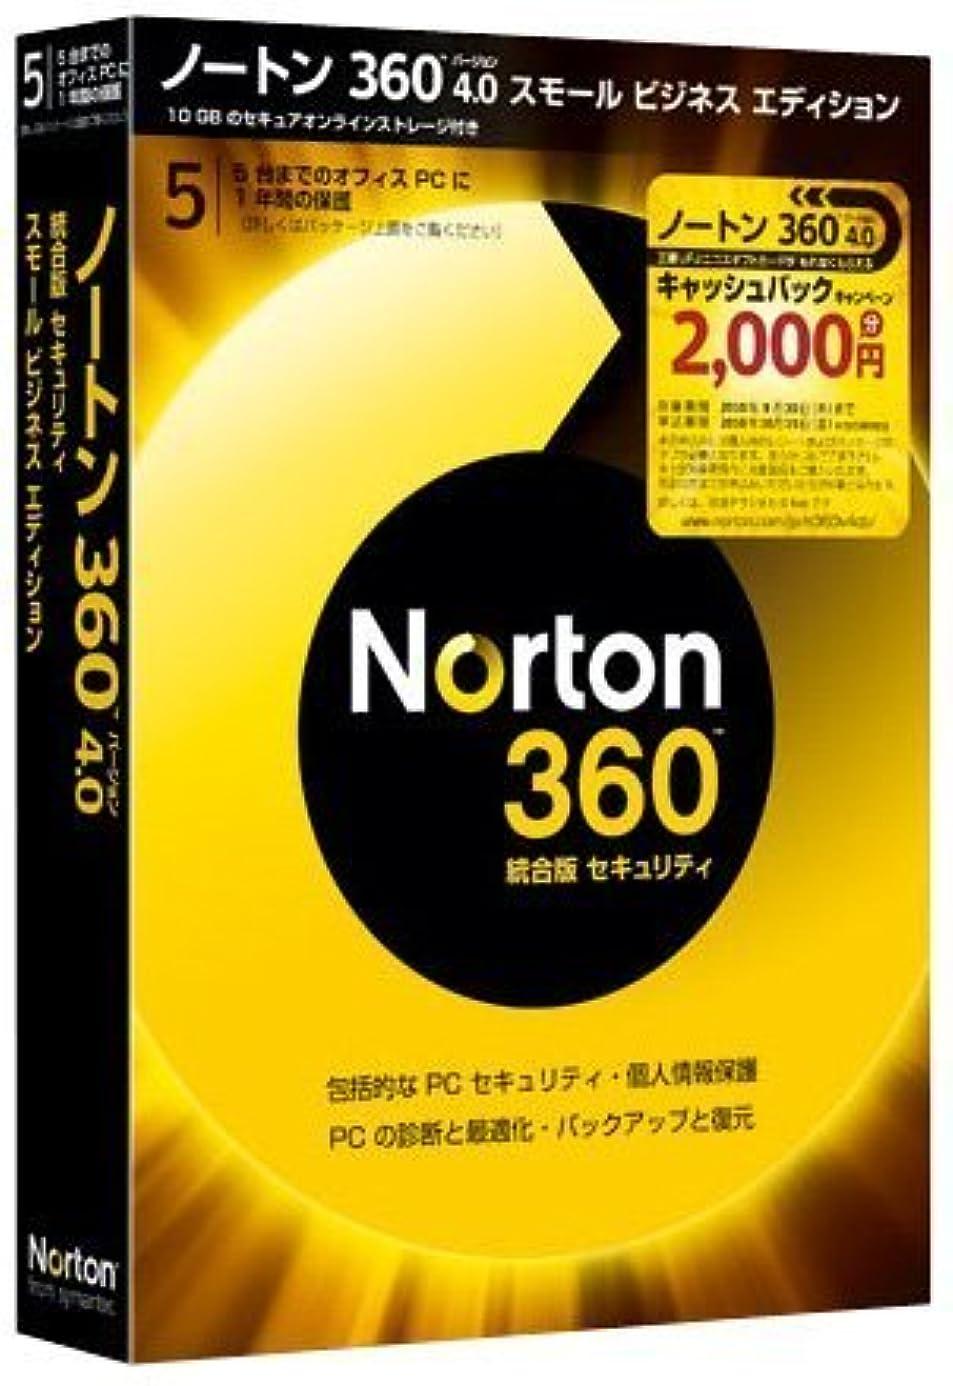 創傷説明手がかりノートン 360 バージョン 4.0 スモールビジネスエディション 5PC